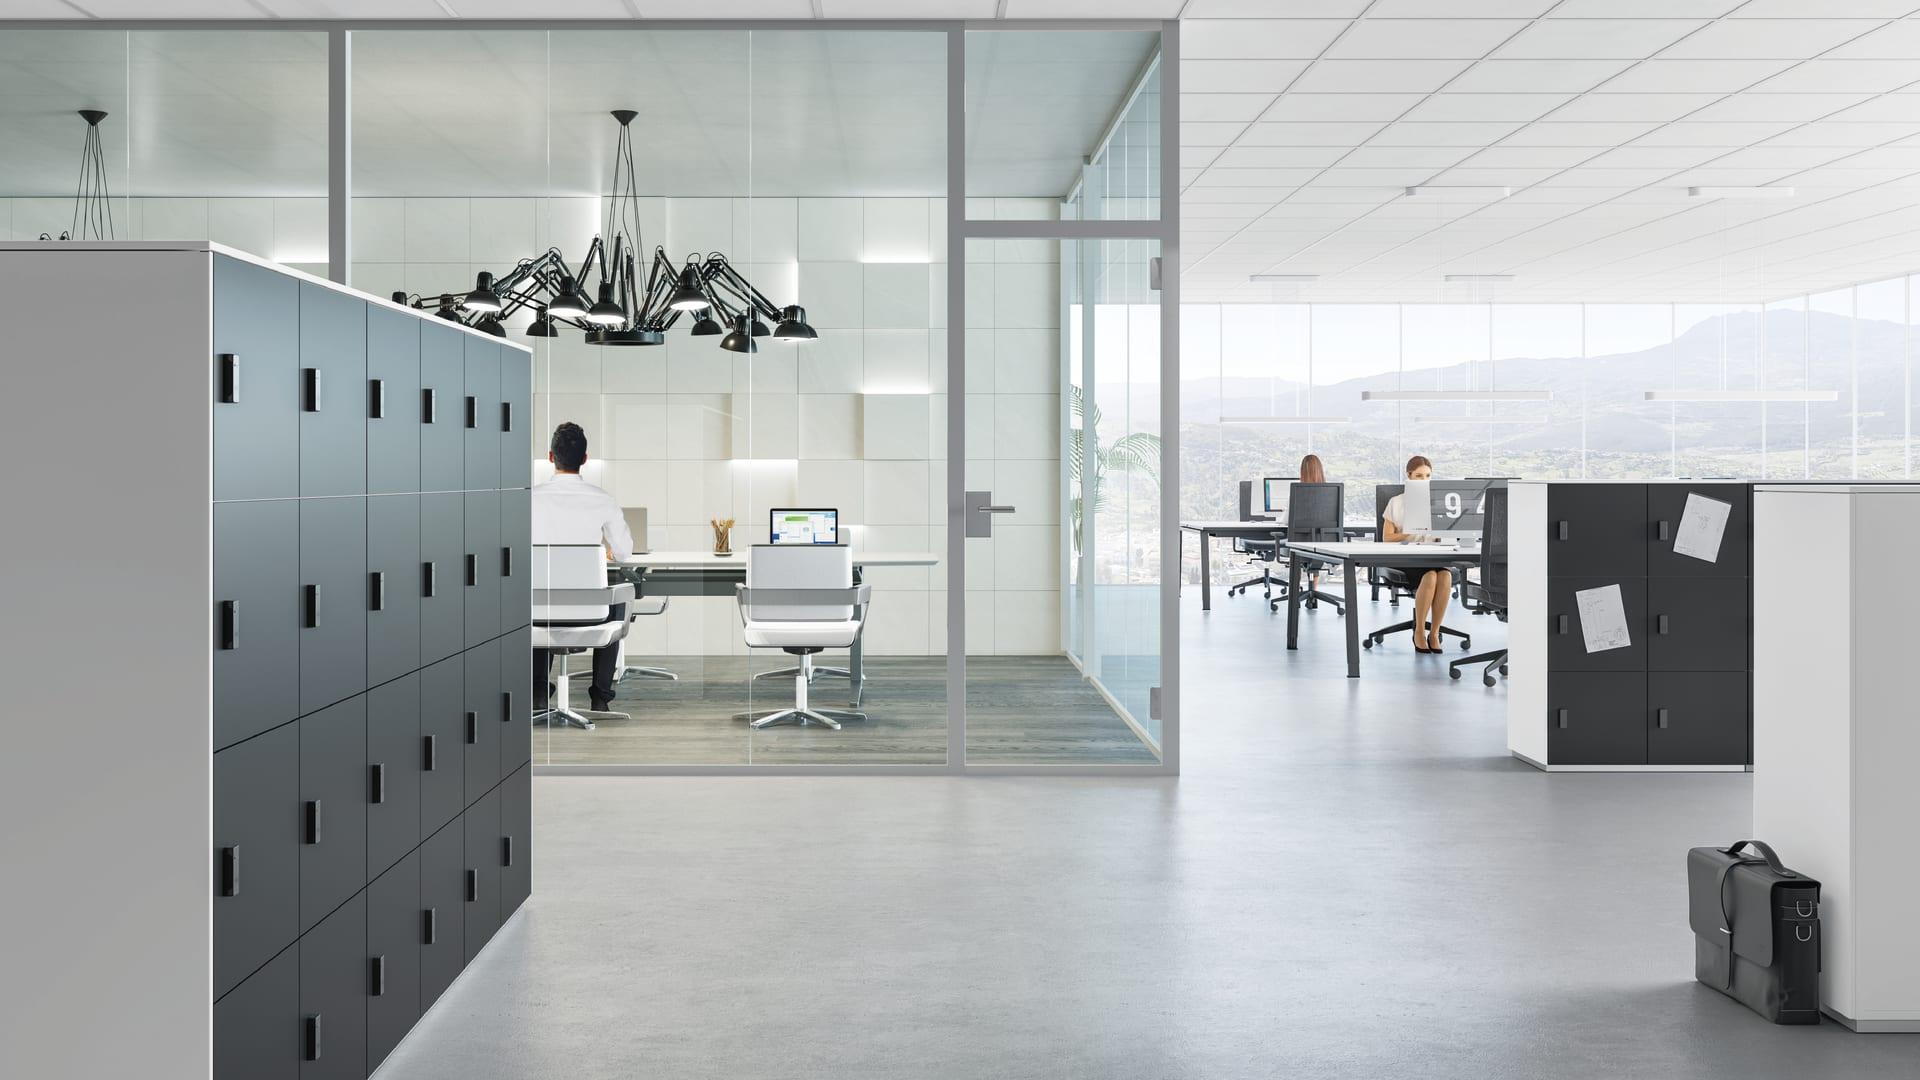 Bureau openspace mines paristech office photo glassdoor